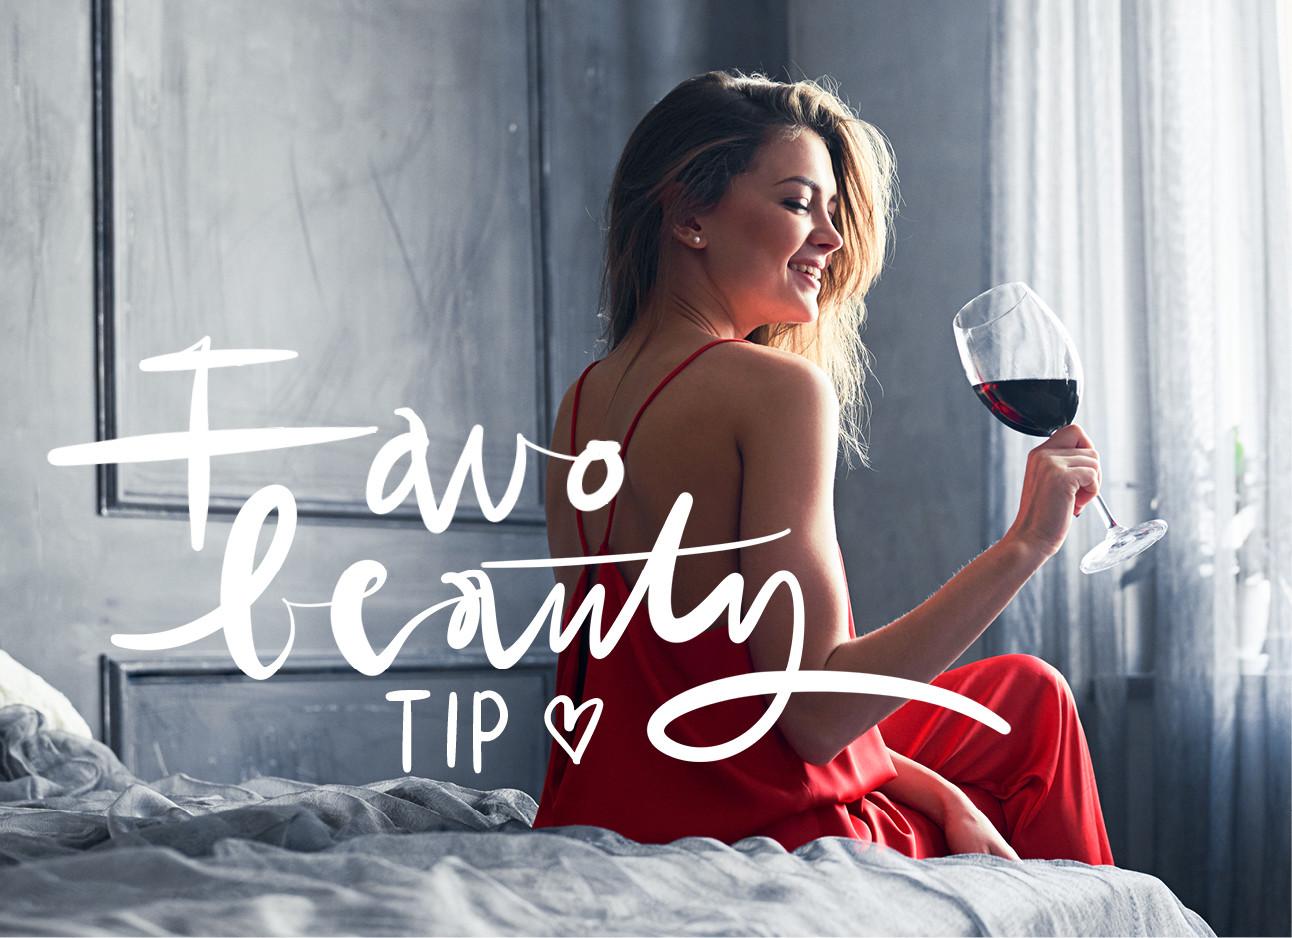 rode wijn rode juk zitten op bed